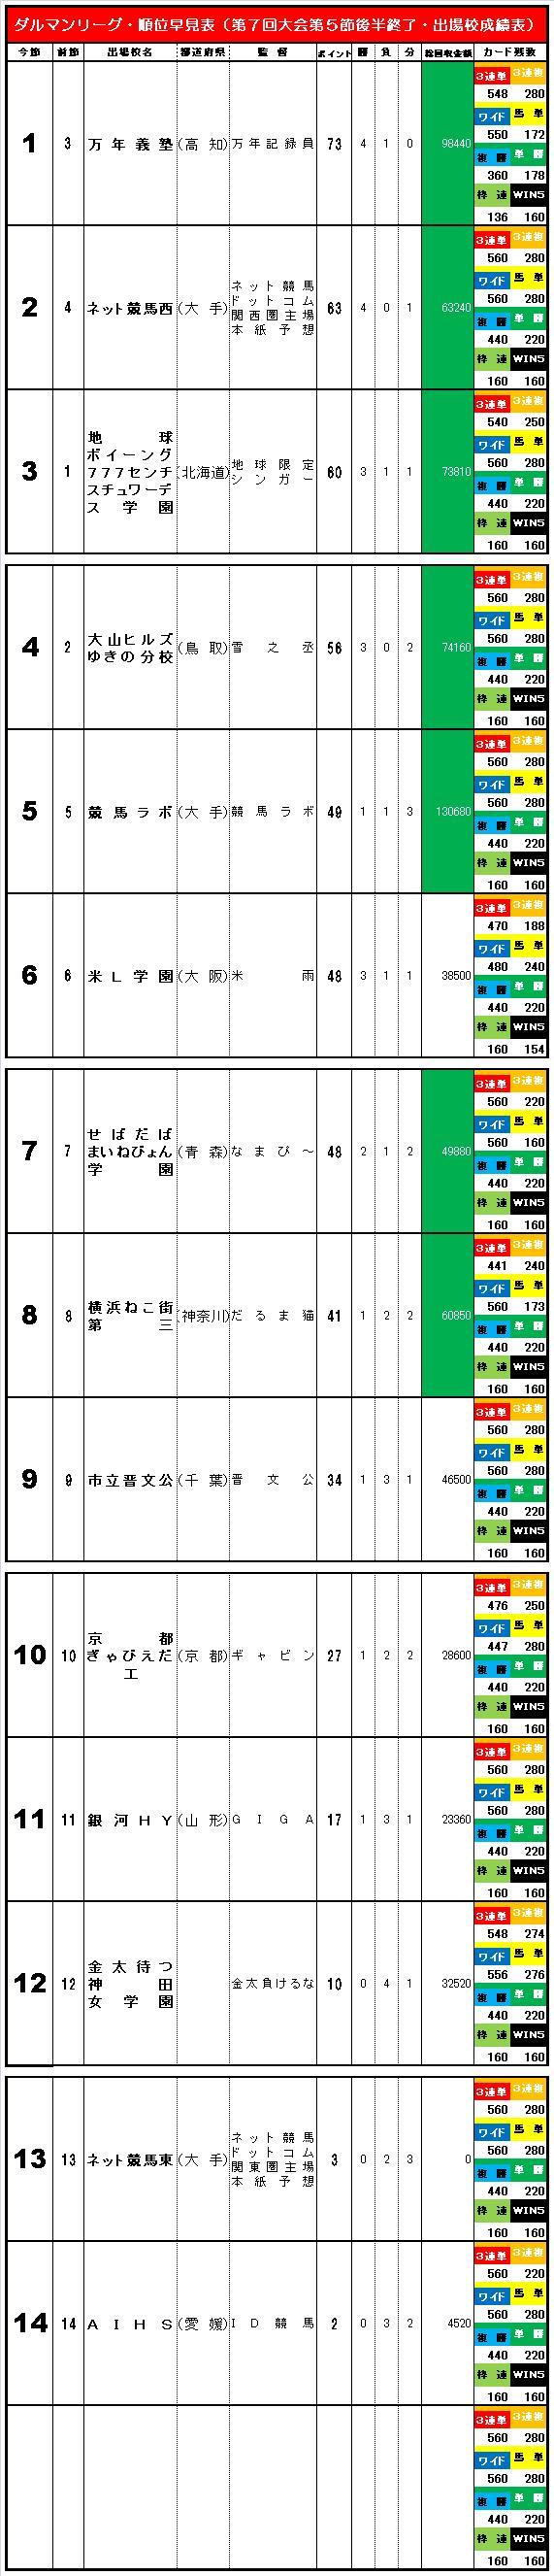 20150912・ダルマンリーグ第5節後半終了順位早見表簡易版⑥.jpg